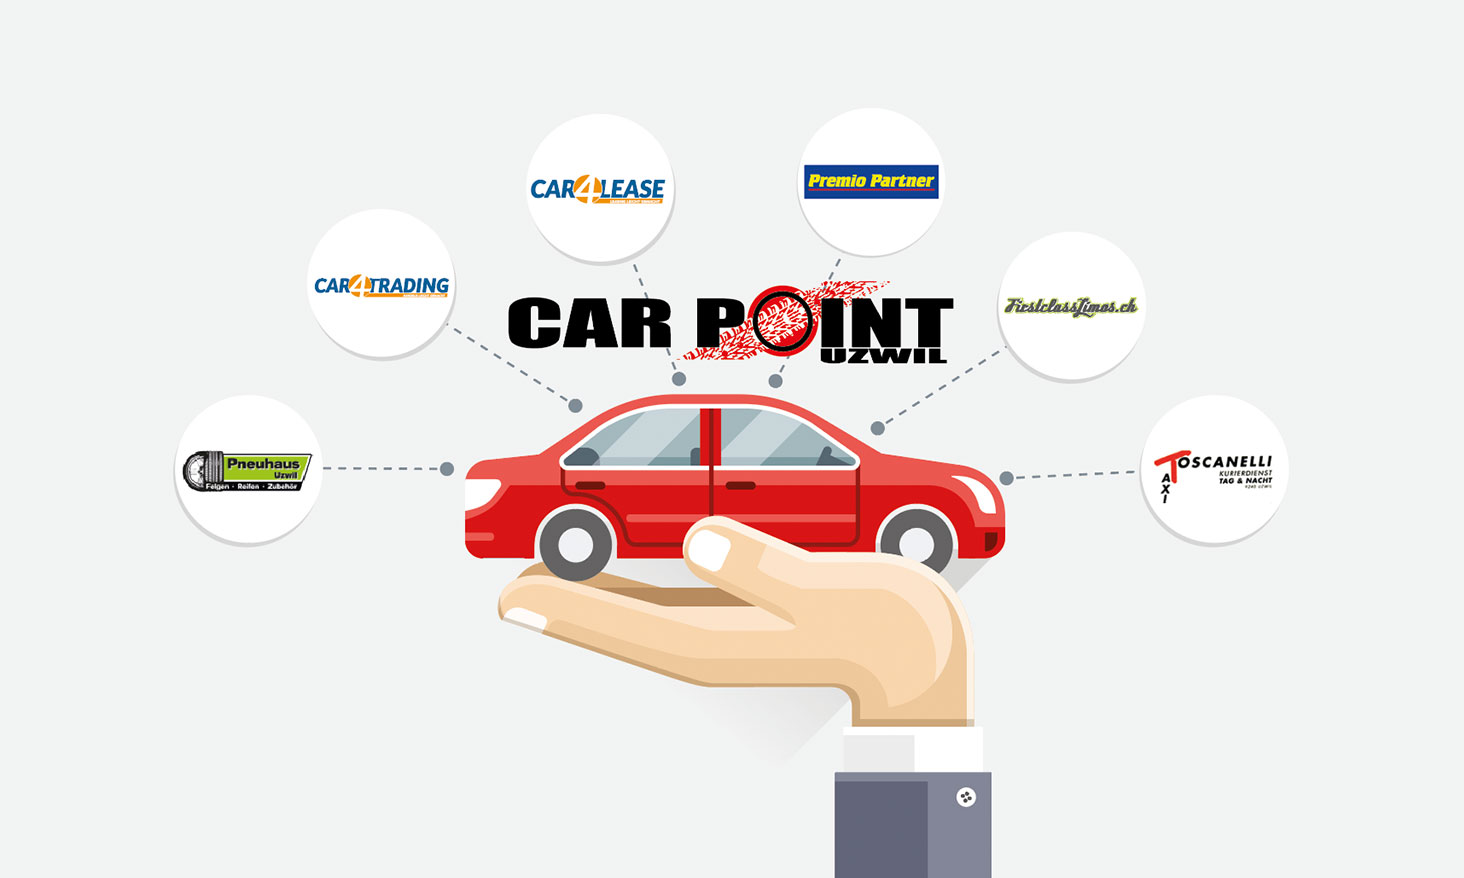 CarPoint Uzwil Dienstleistungen